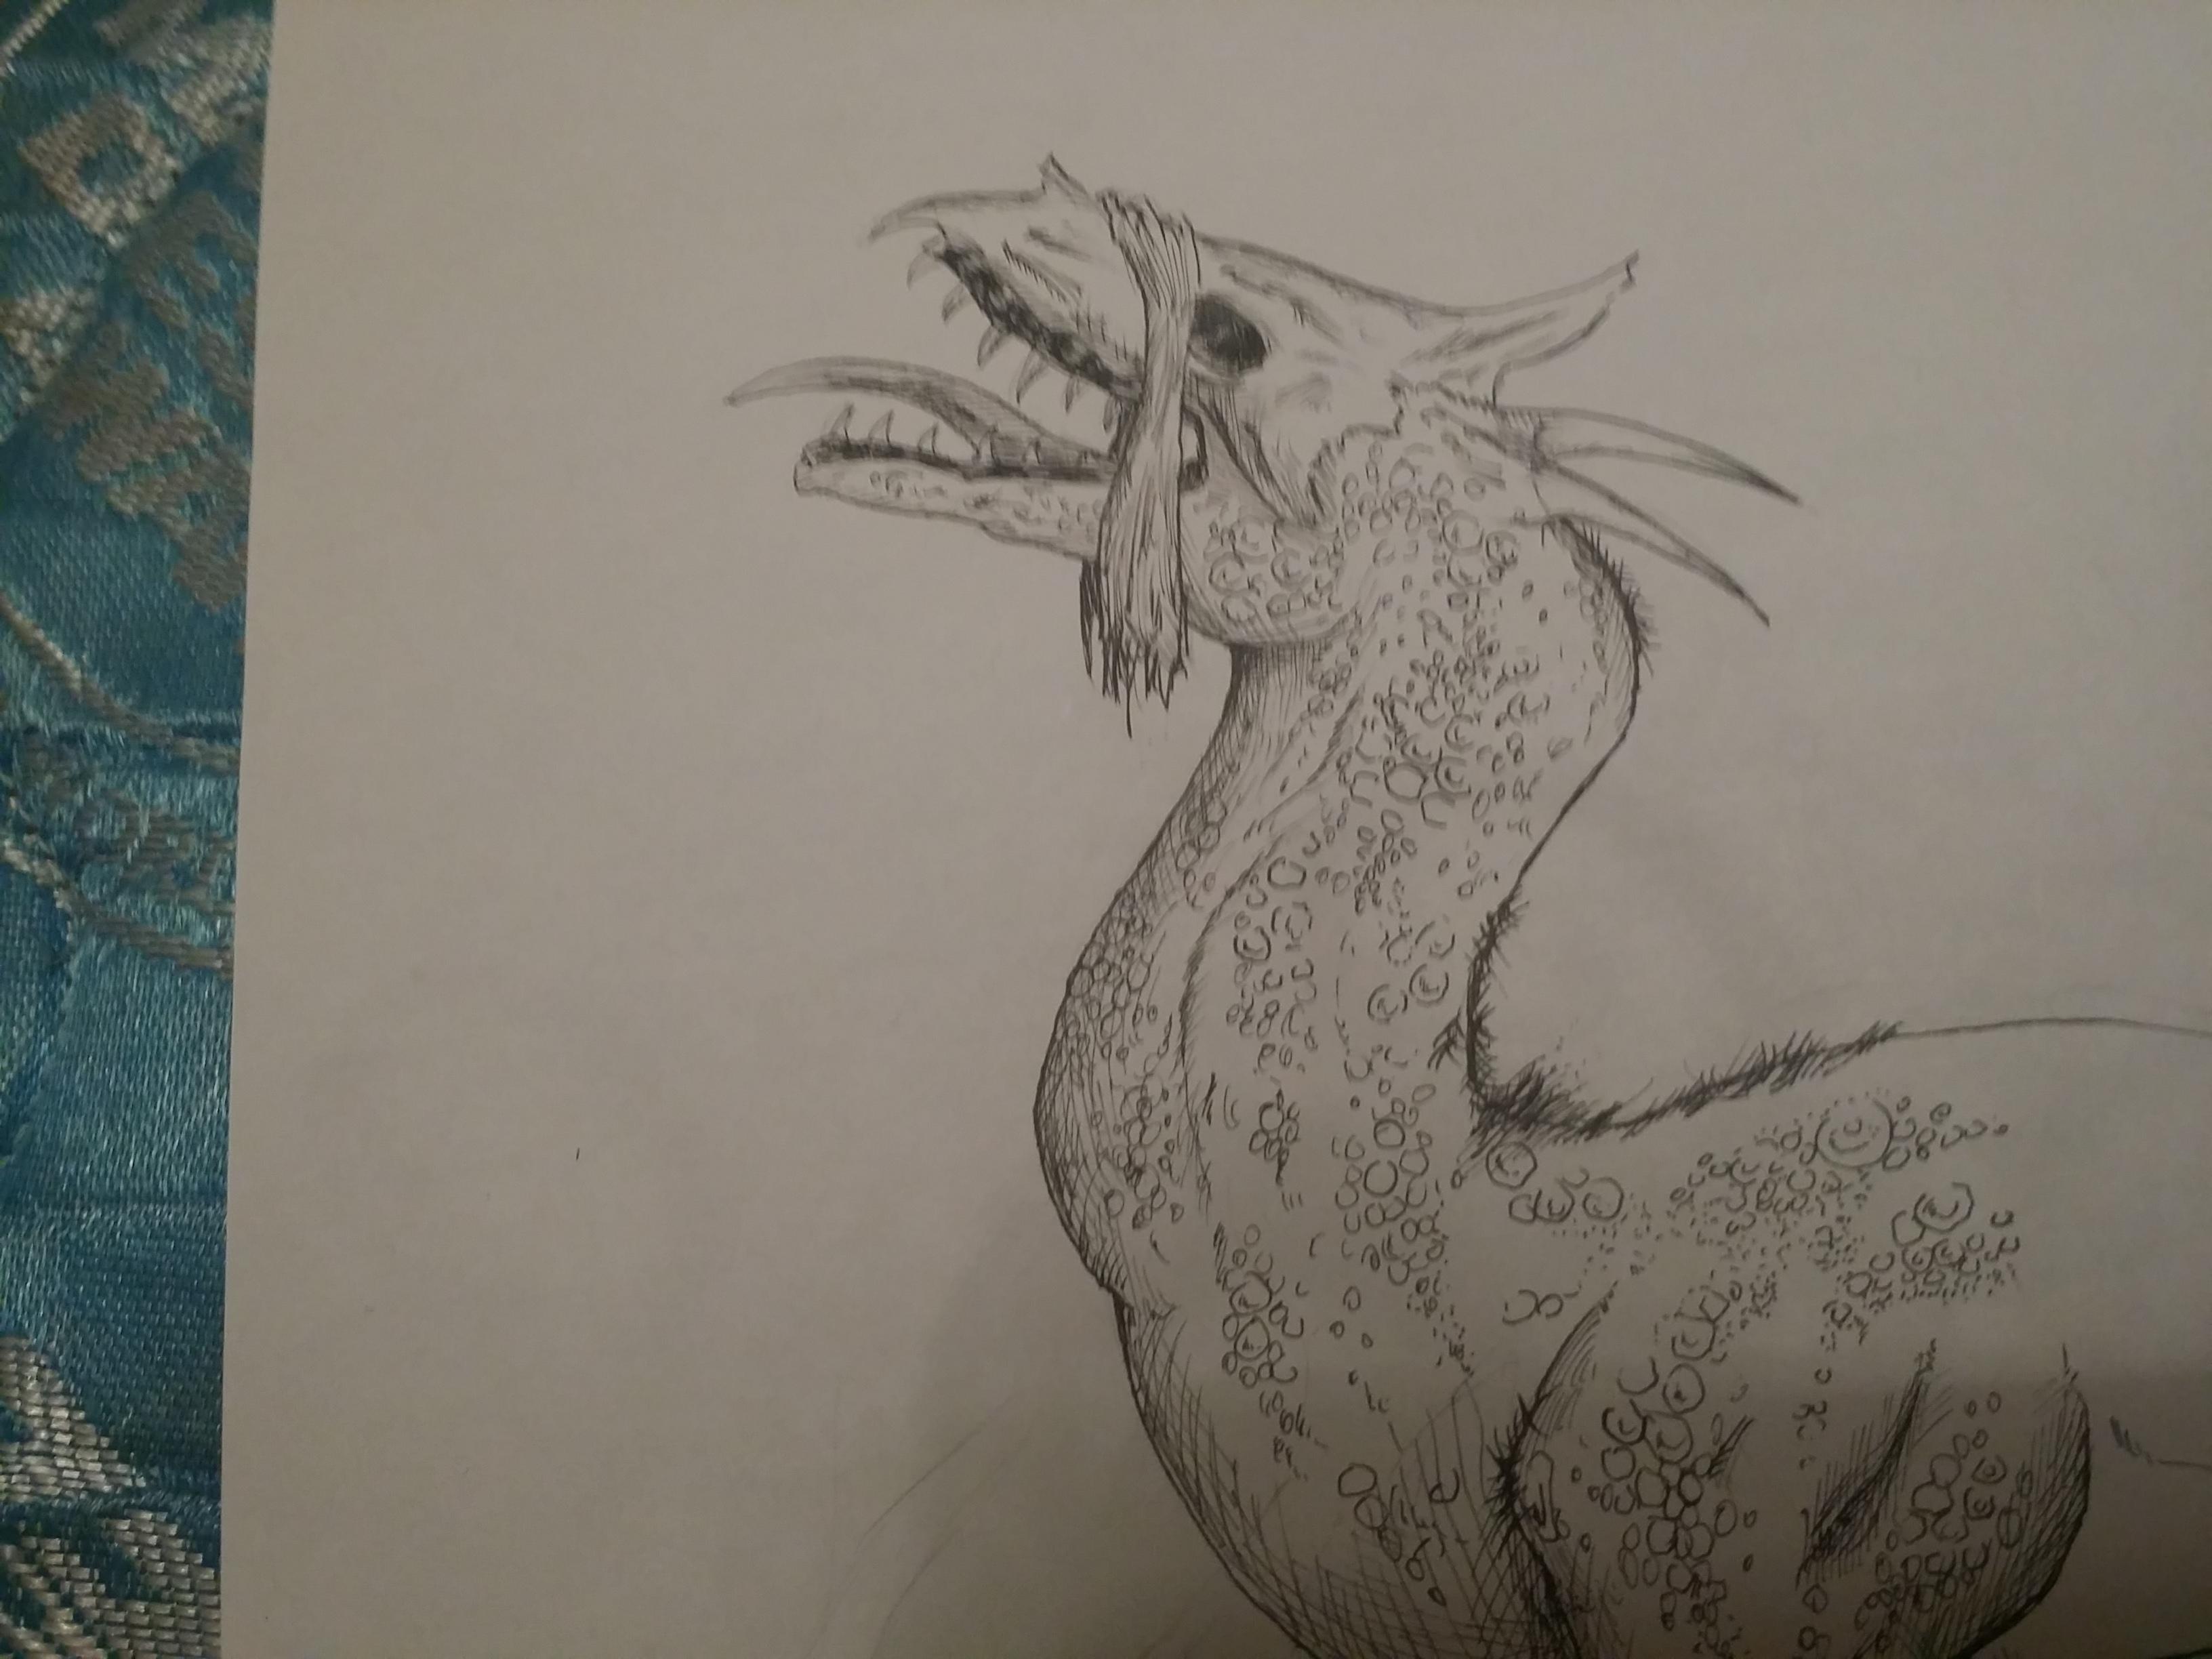 the niyghhogr